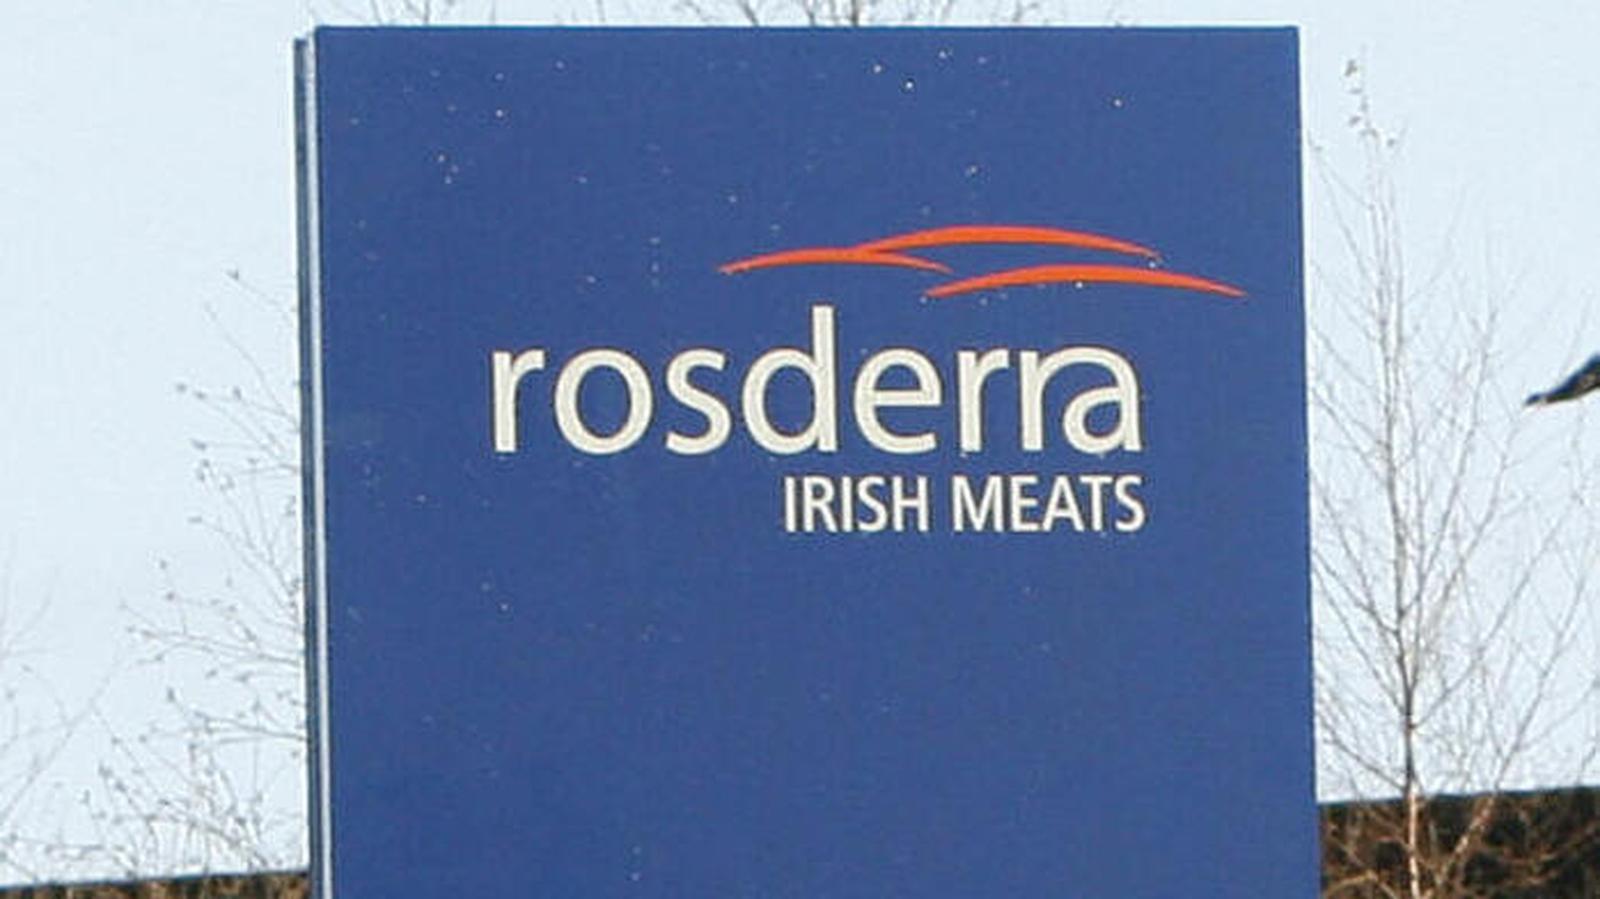 Edenderry speed dating - Find date in Edenderry, Ireland